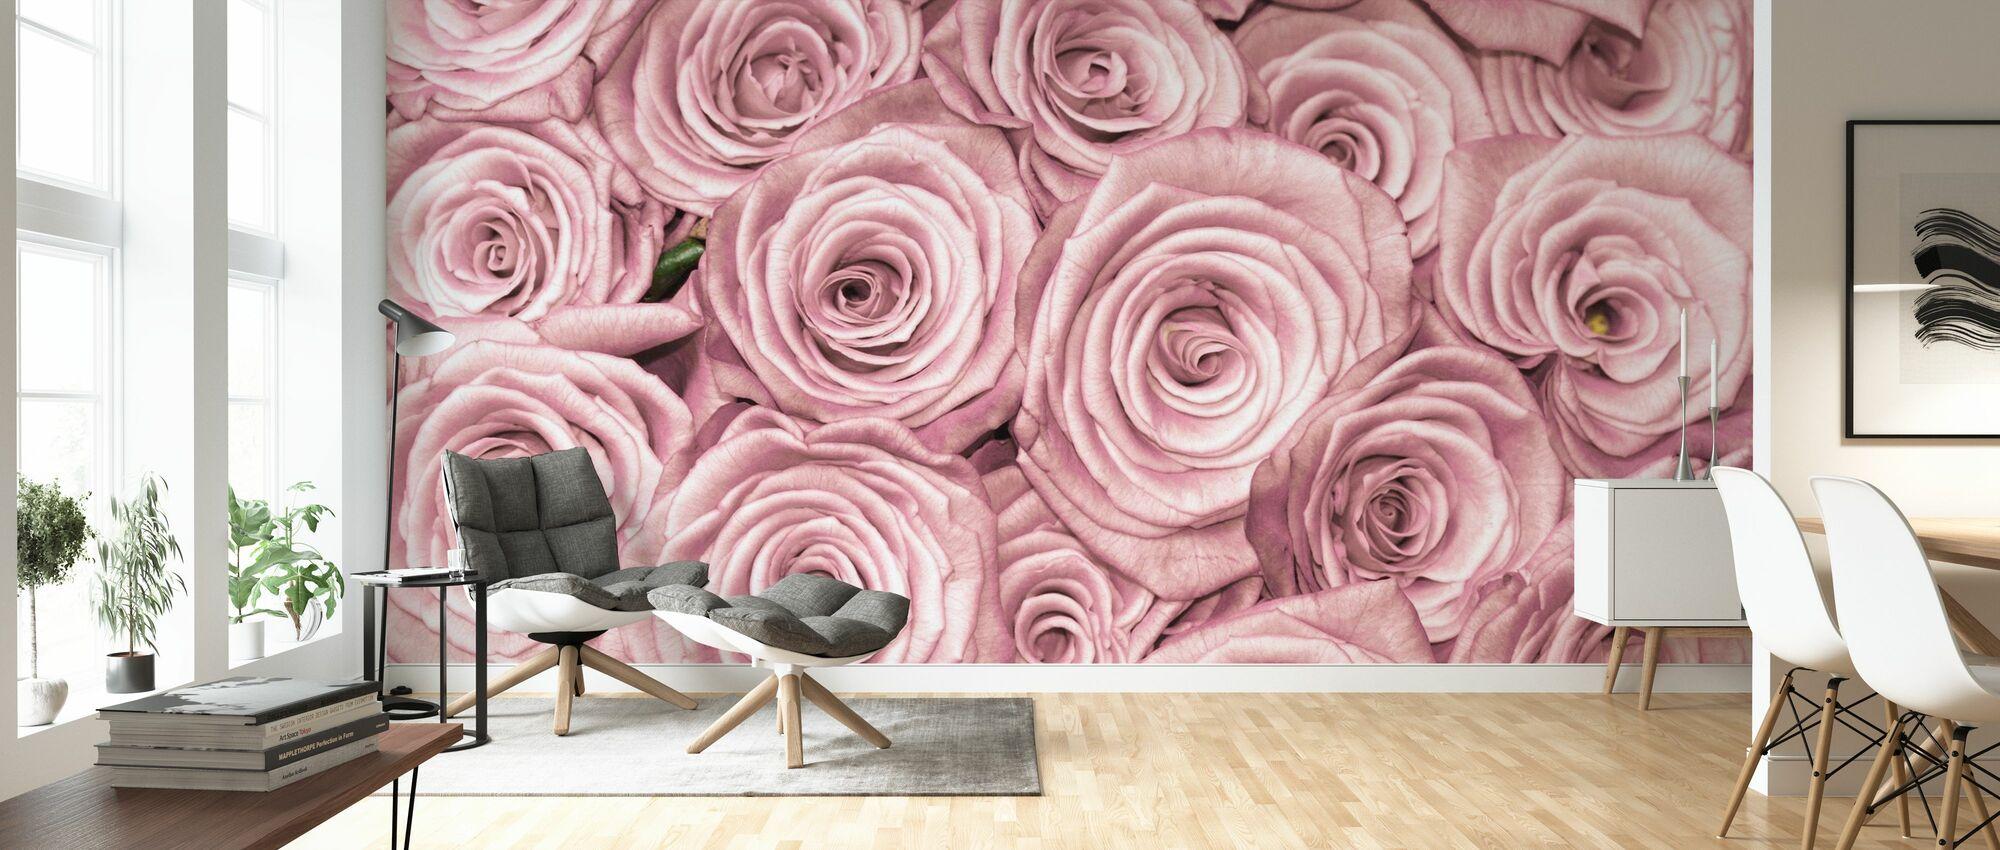 Vegg av roser - Tapet - Stue